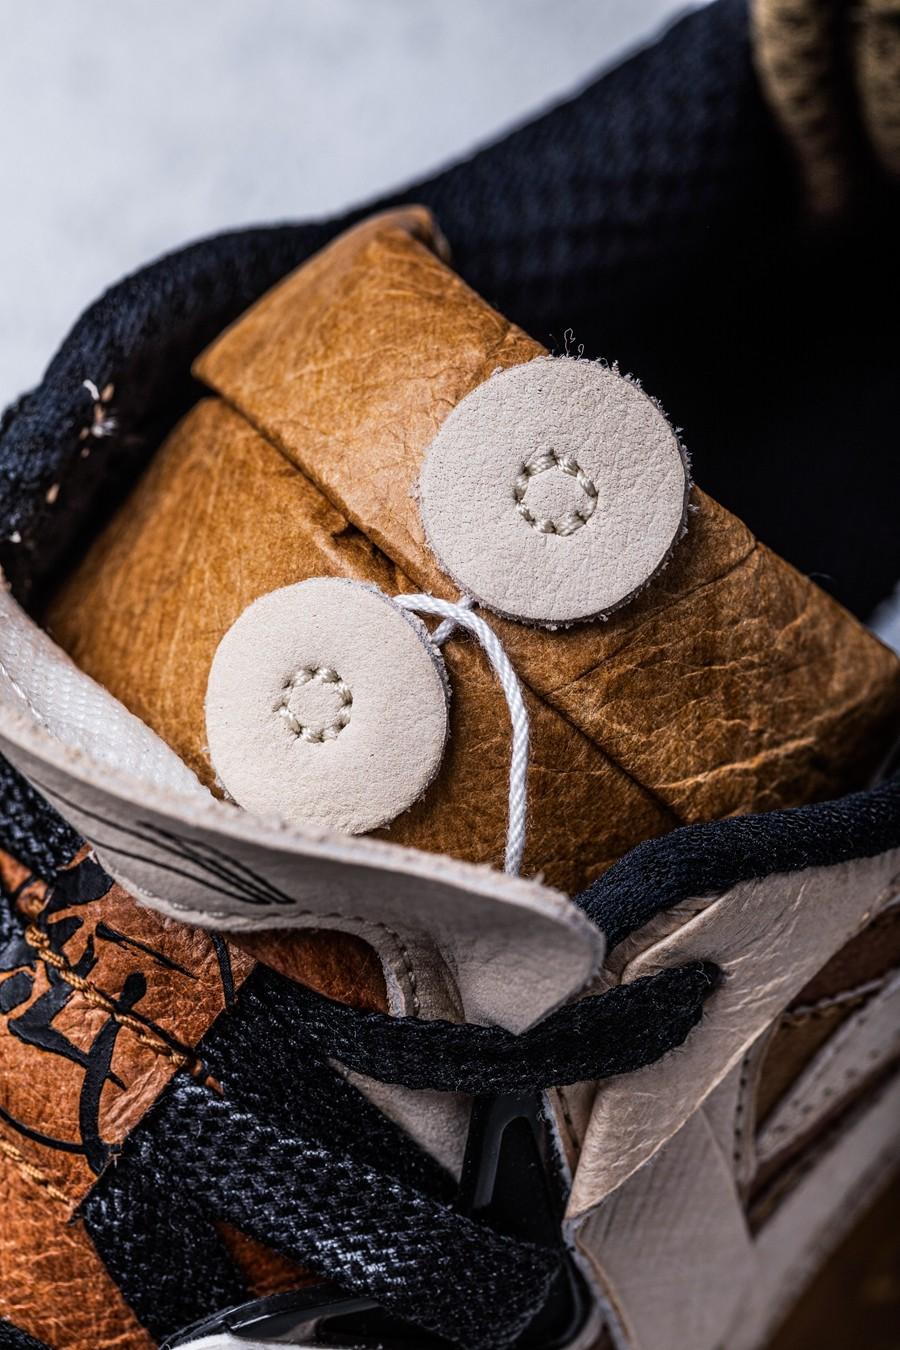 李宁,惟吾 Pro,寻才问料  「鞋子带兜,全家喝粥」实锤!这种鞋一年仅出 4 双!市价翻 3 倍!